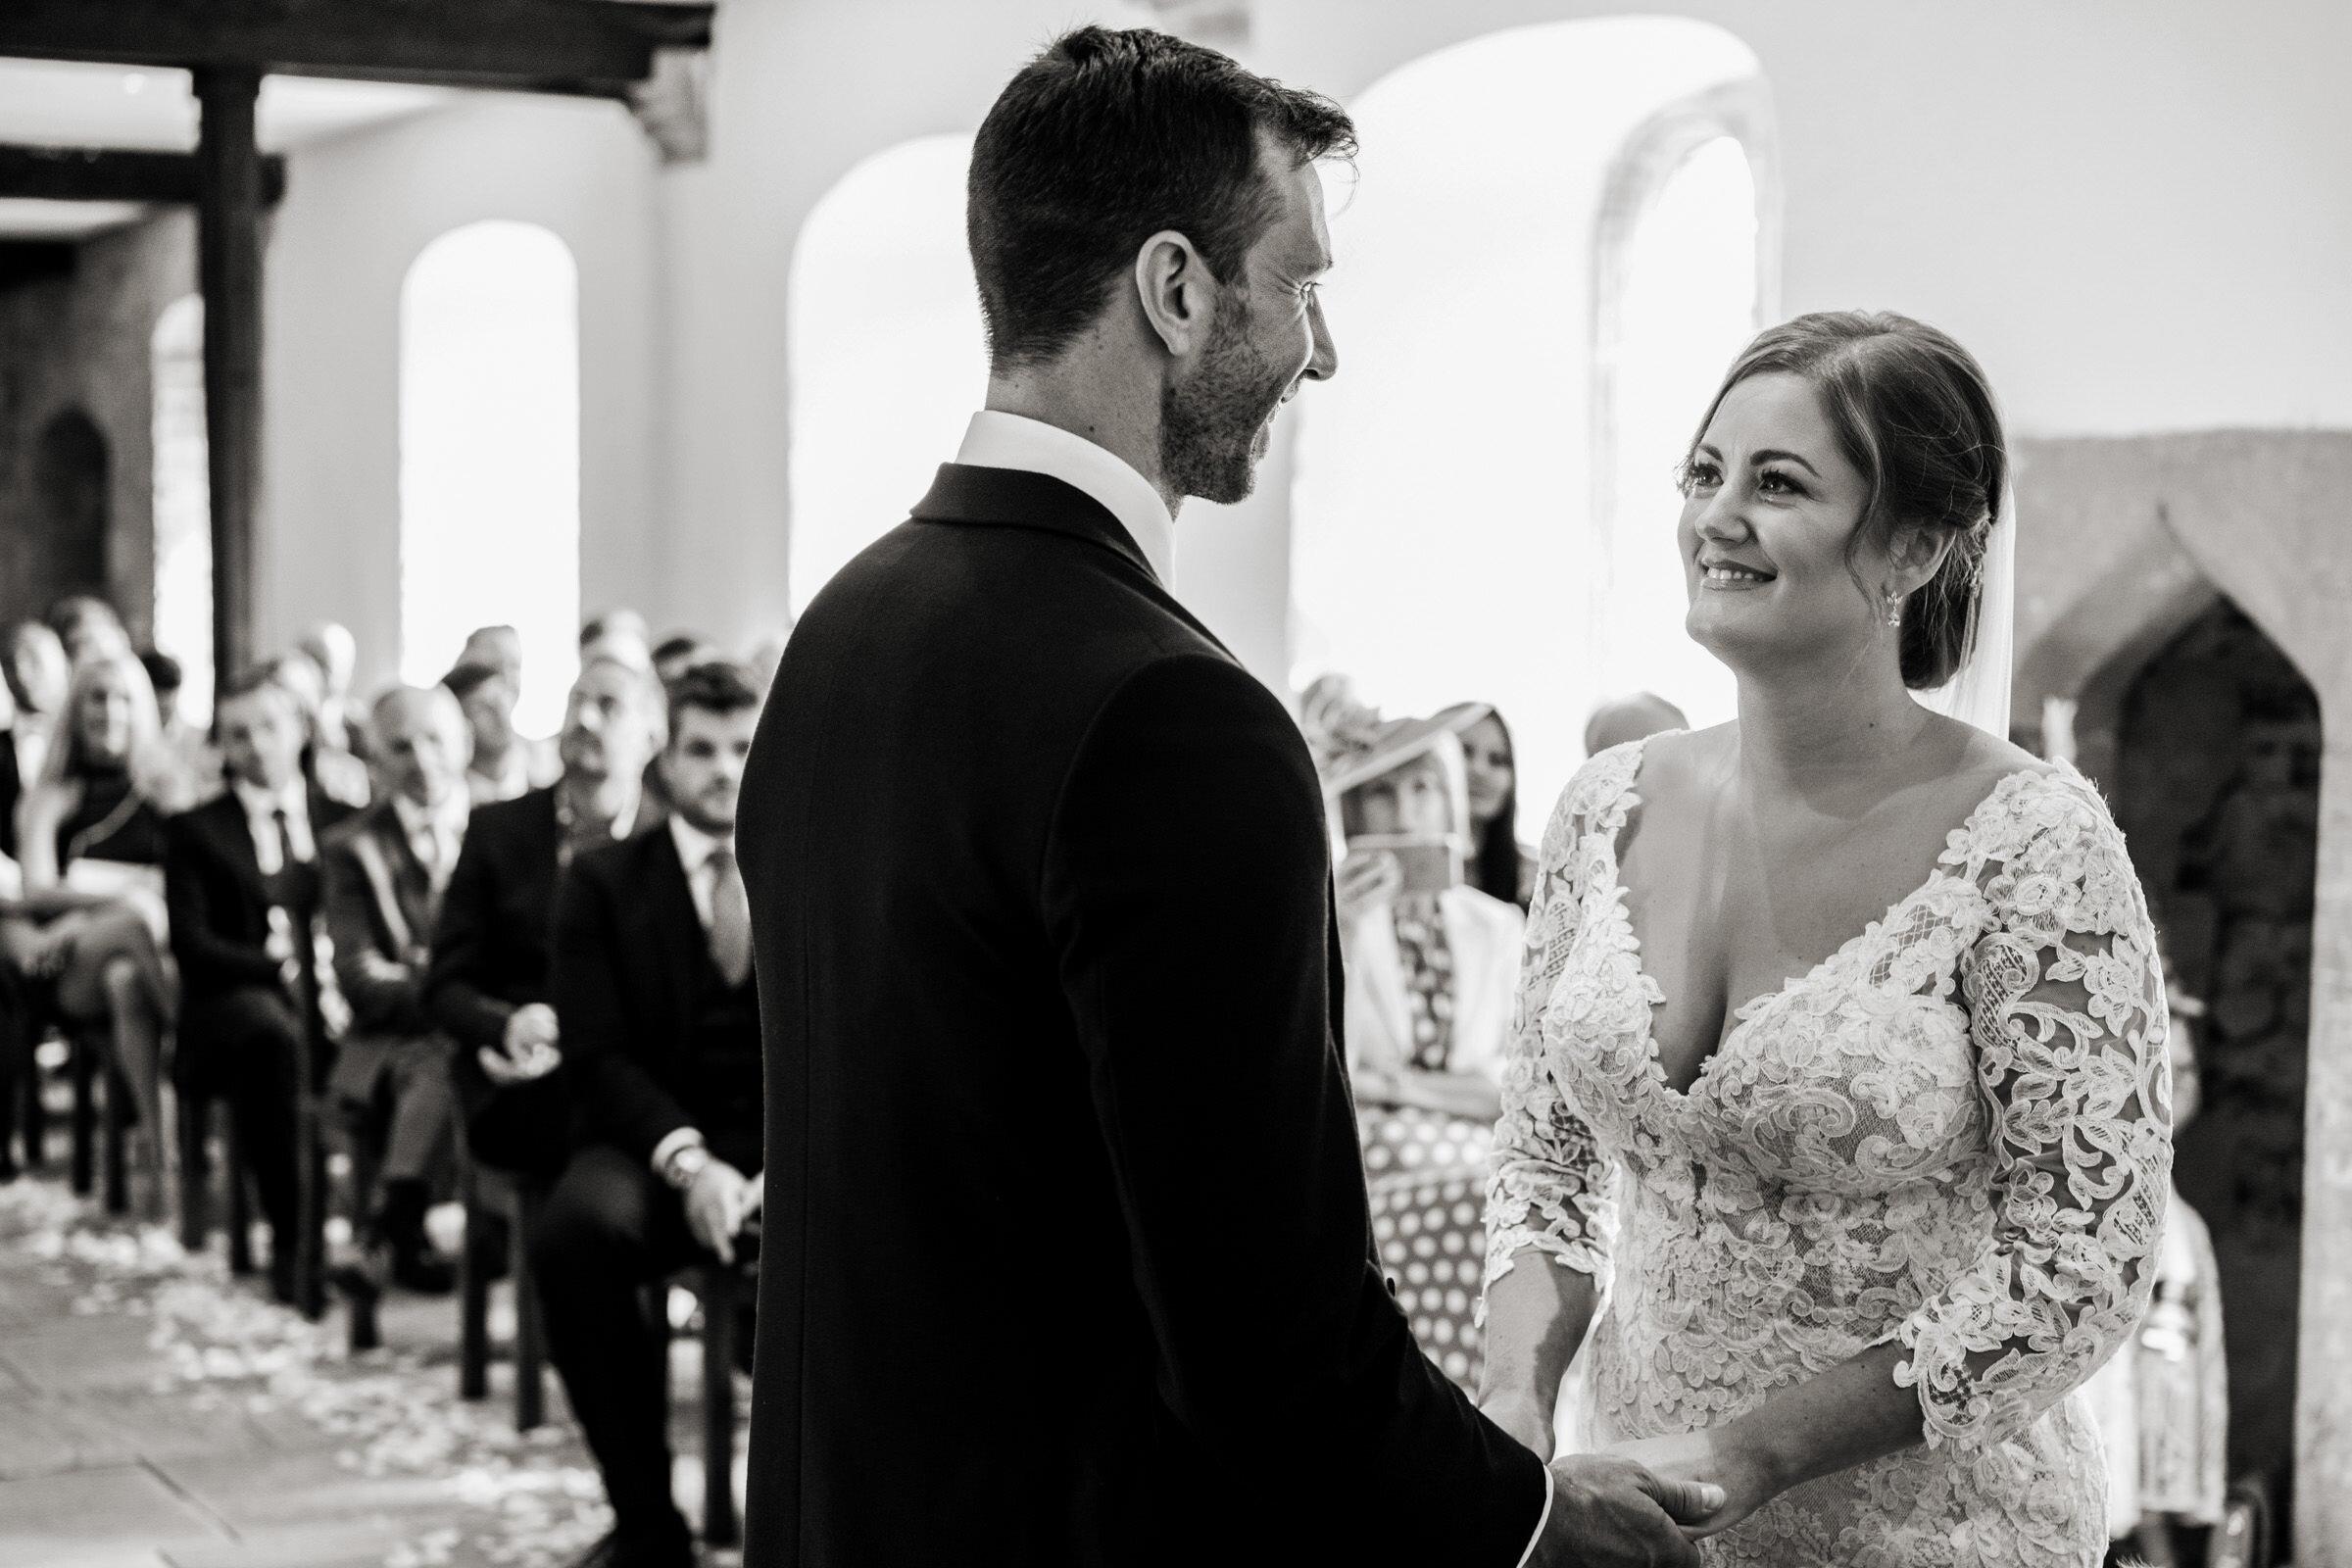 加布里埃尔·波特的照片,包括婚礼的照片